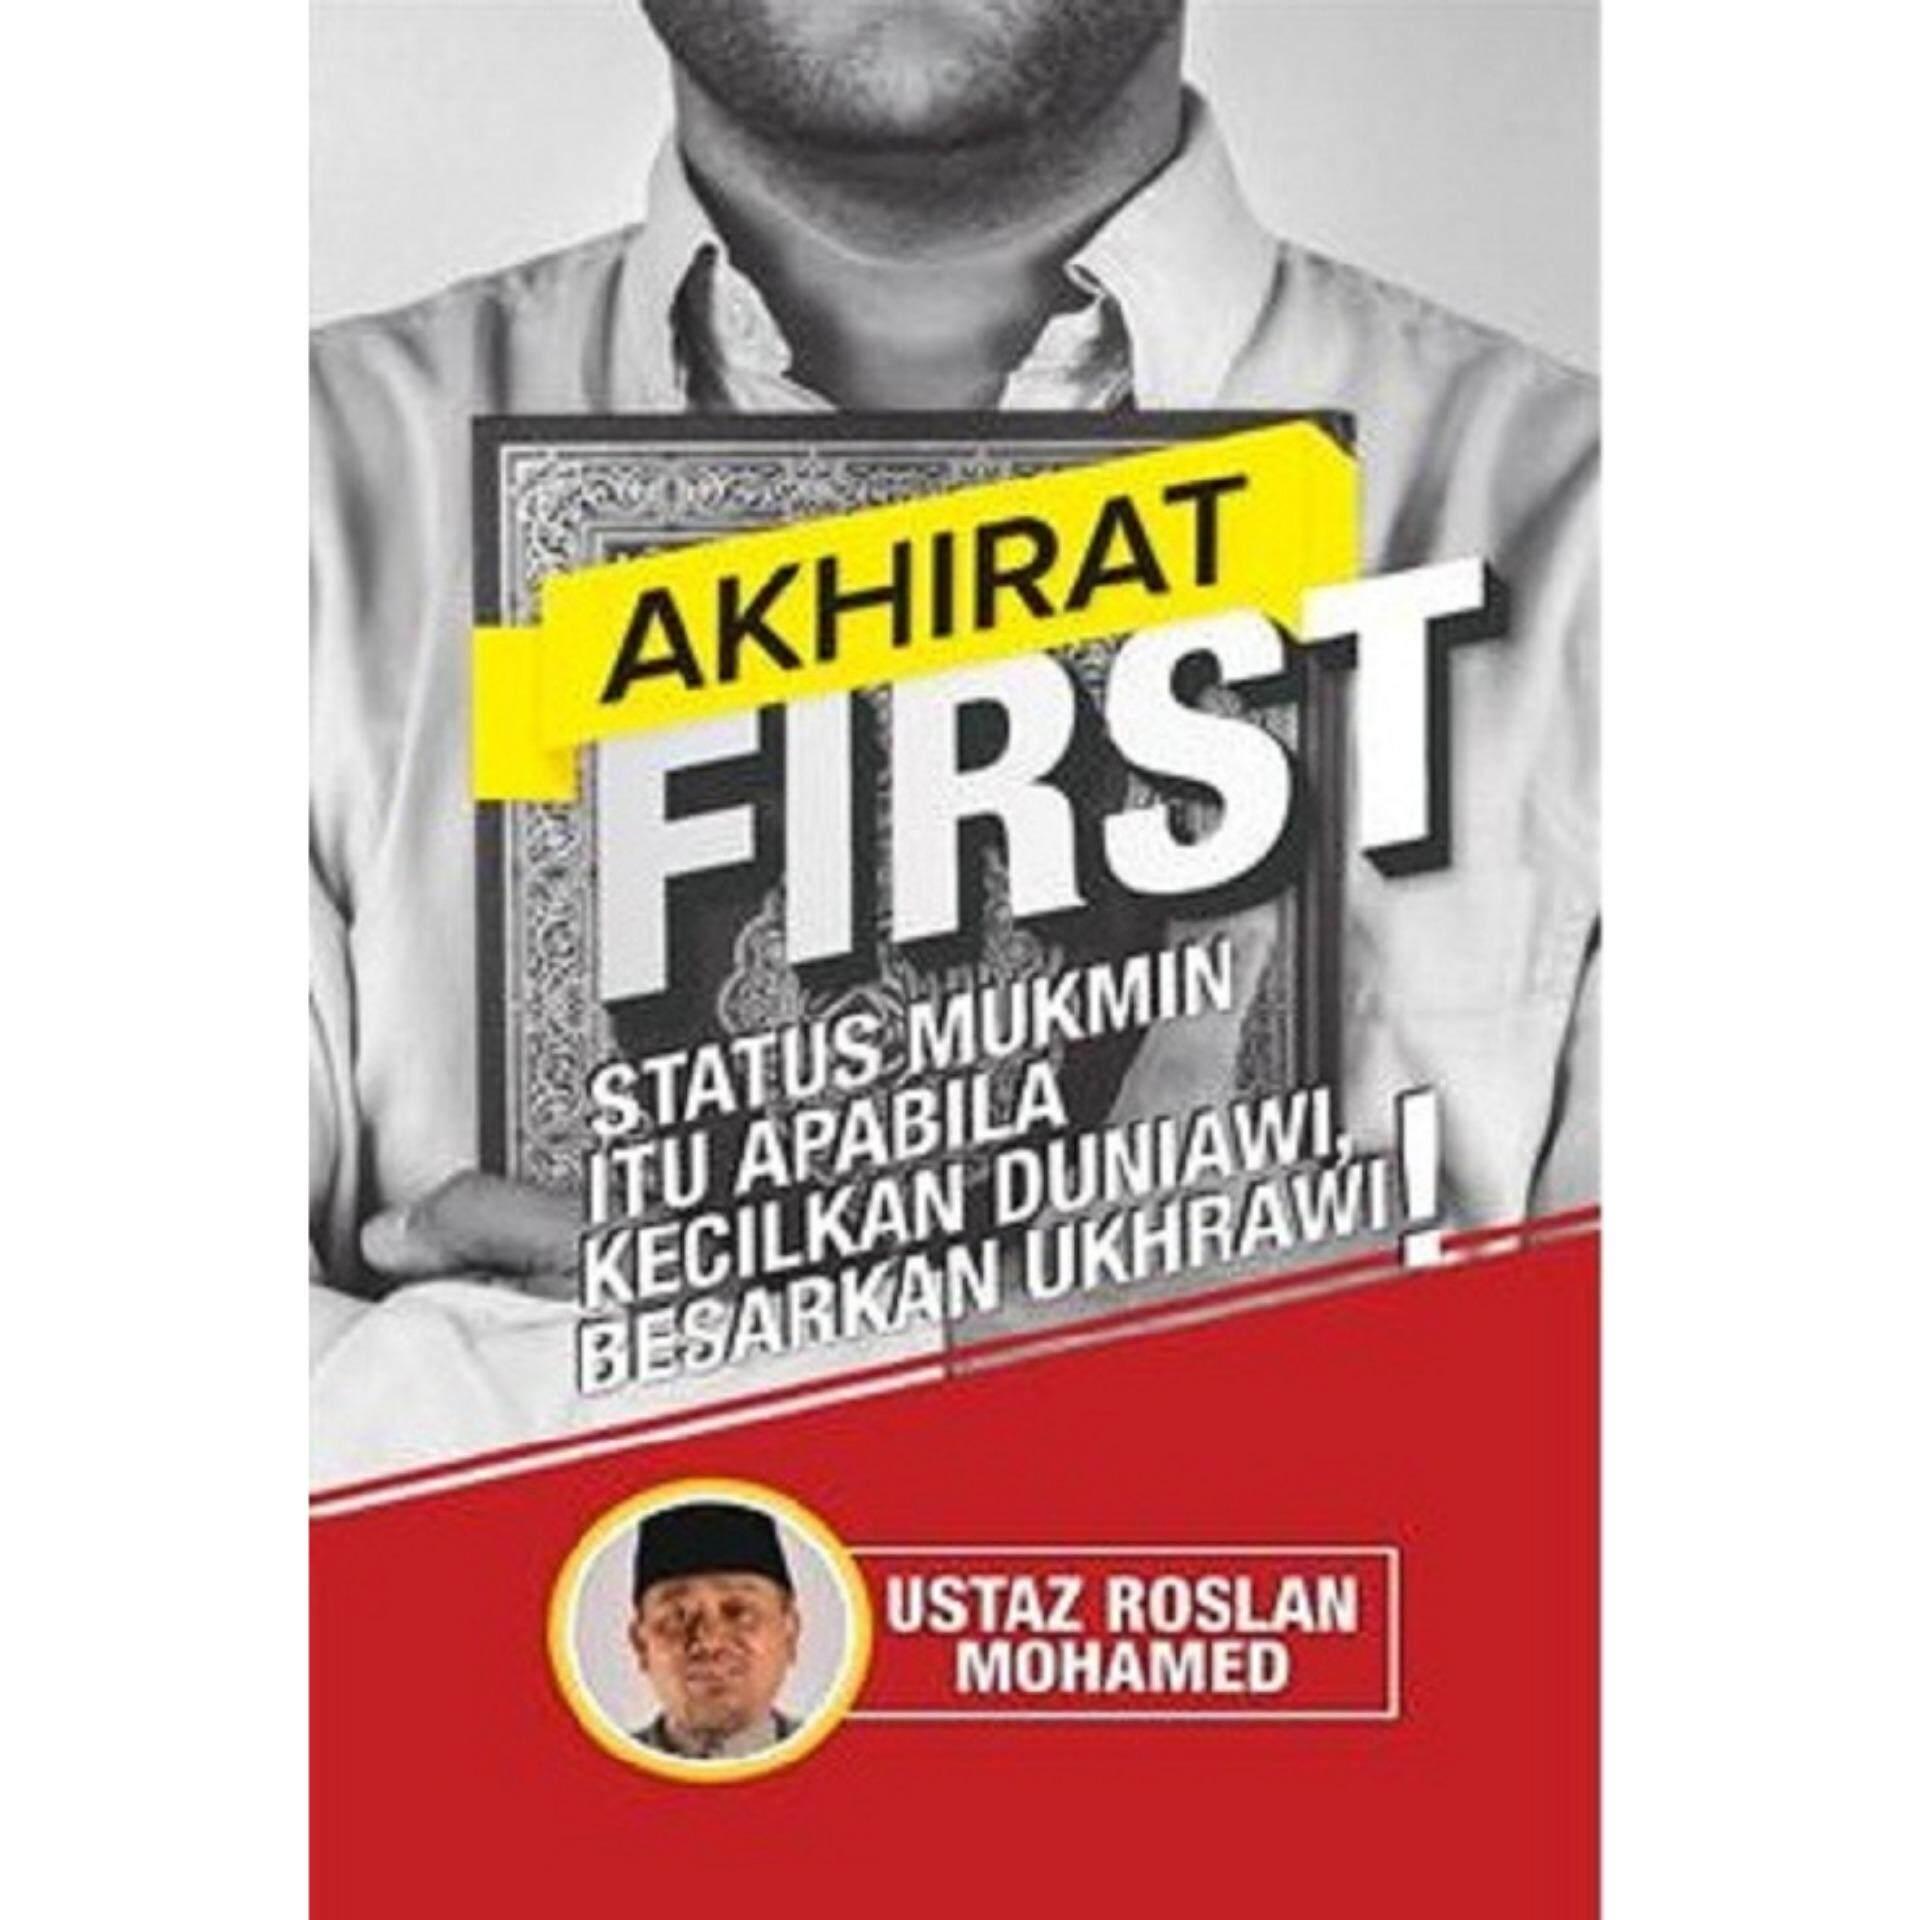 Akhirat First  Isbn: 9789830976143  Author: Ustaz Roslan Mohamed